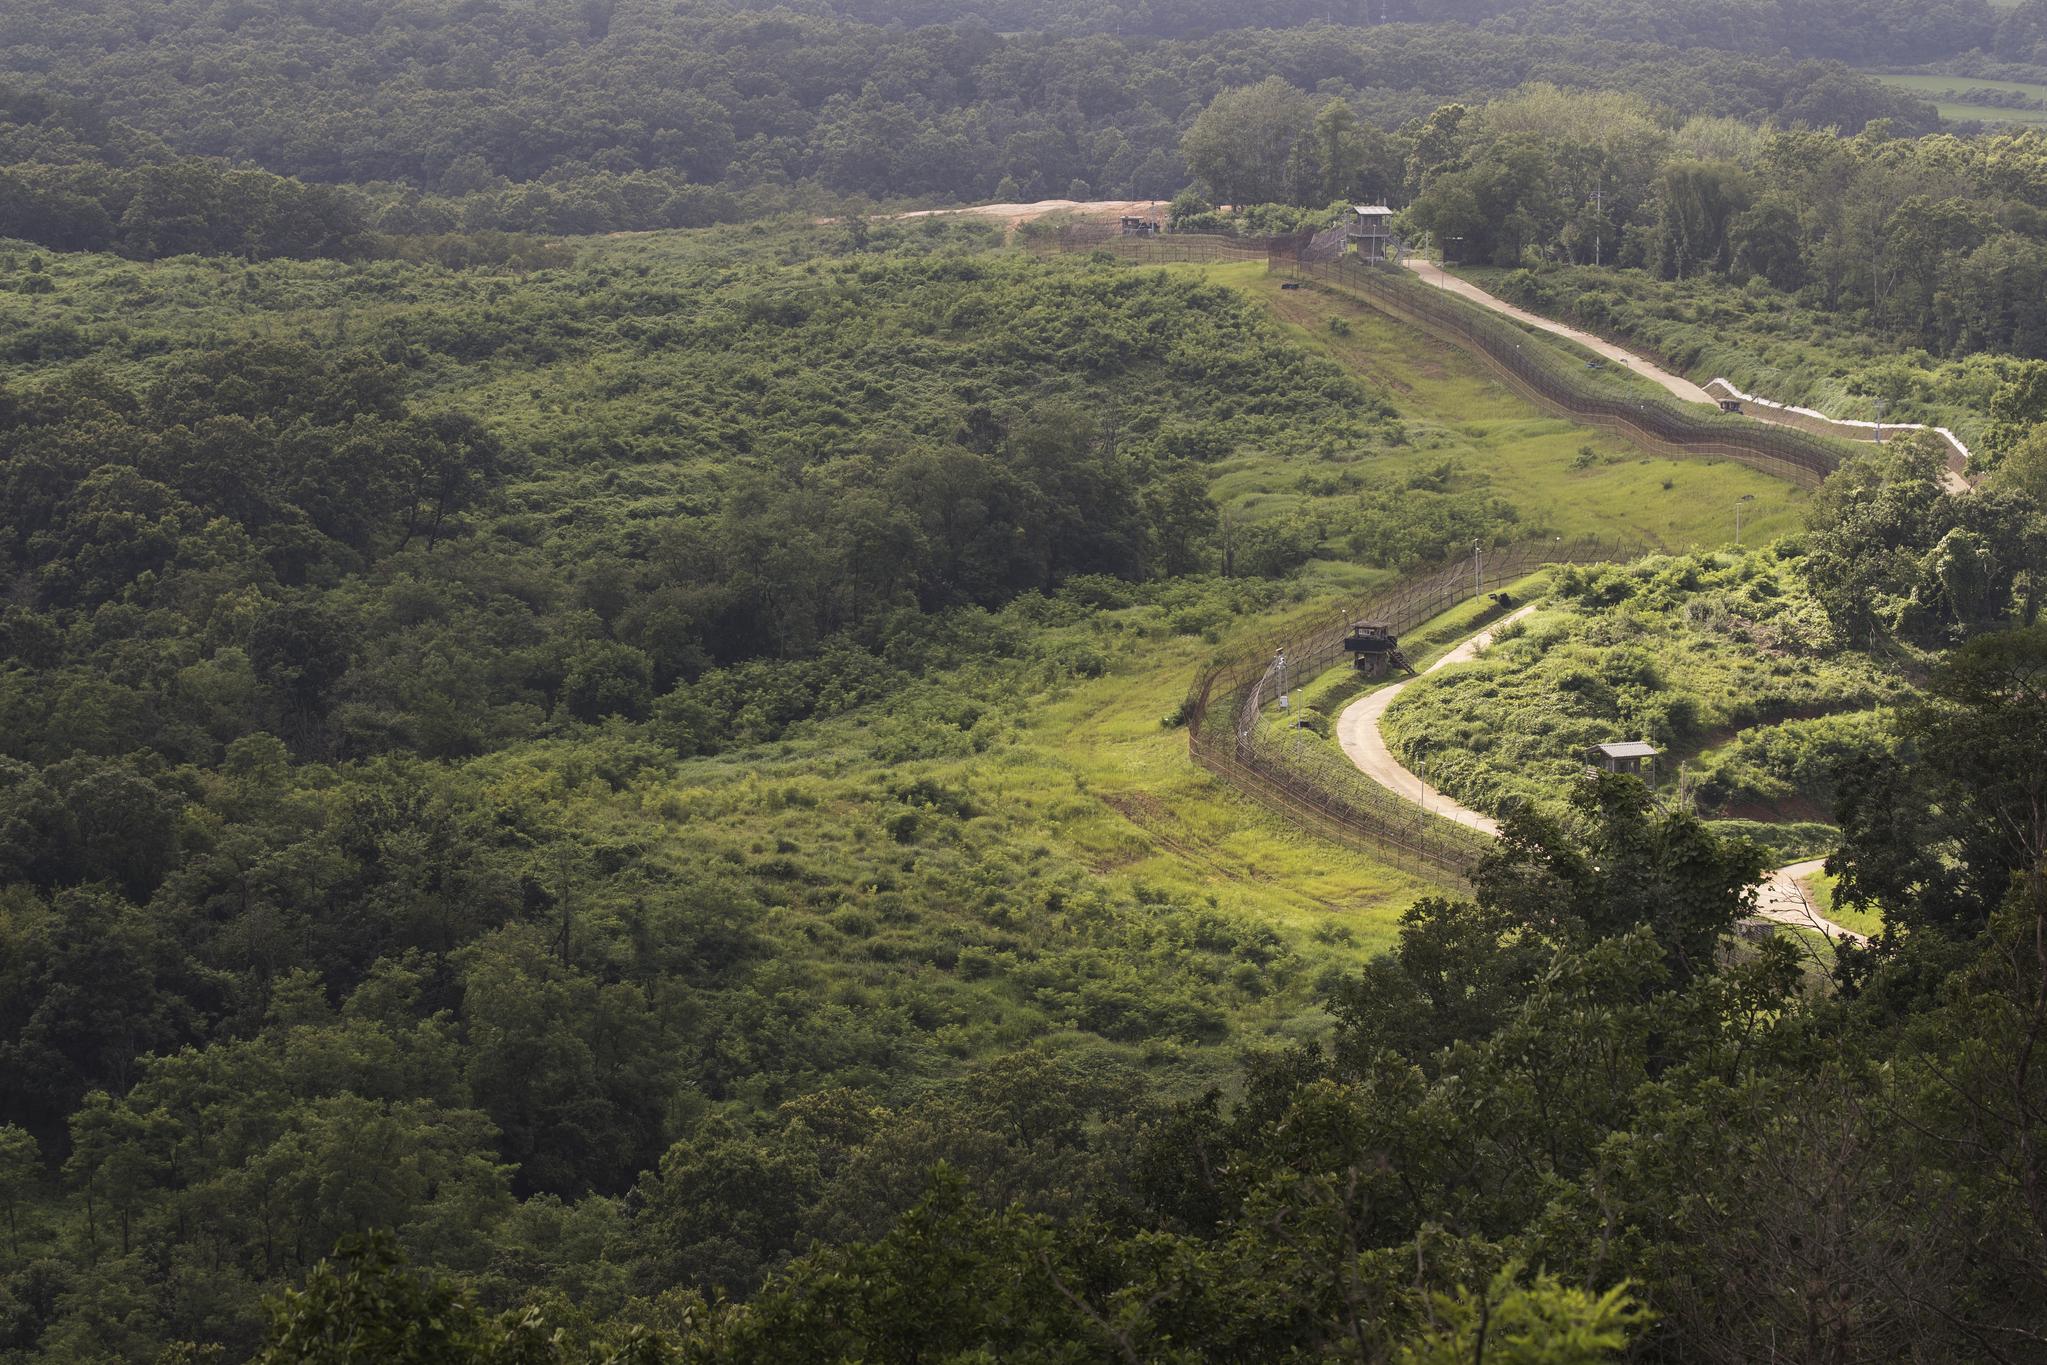 정전 65주년을 맞는 경기도 파주시 서부전선의 비무장지대(DMZ). 짙은 녹색 숲 사이로 남방한계선 철책이 보인다. [연합뉴스]